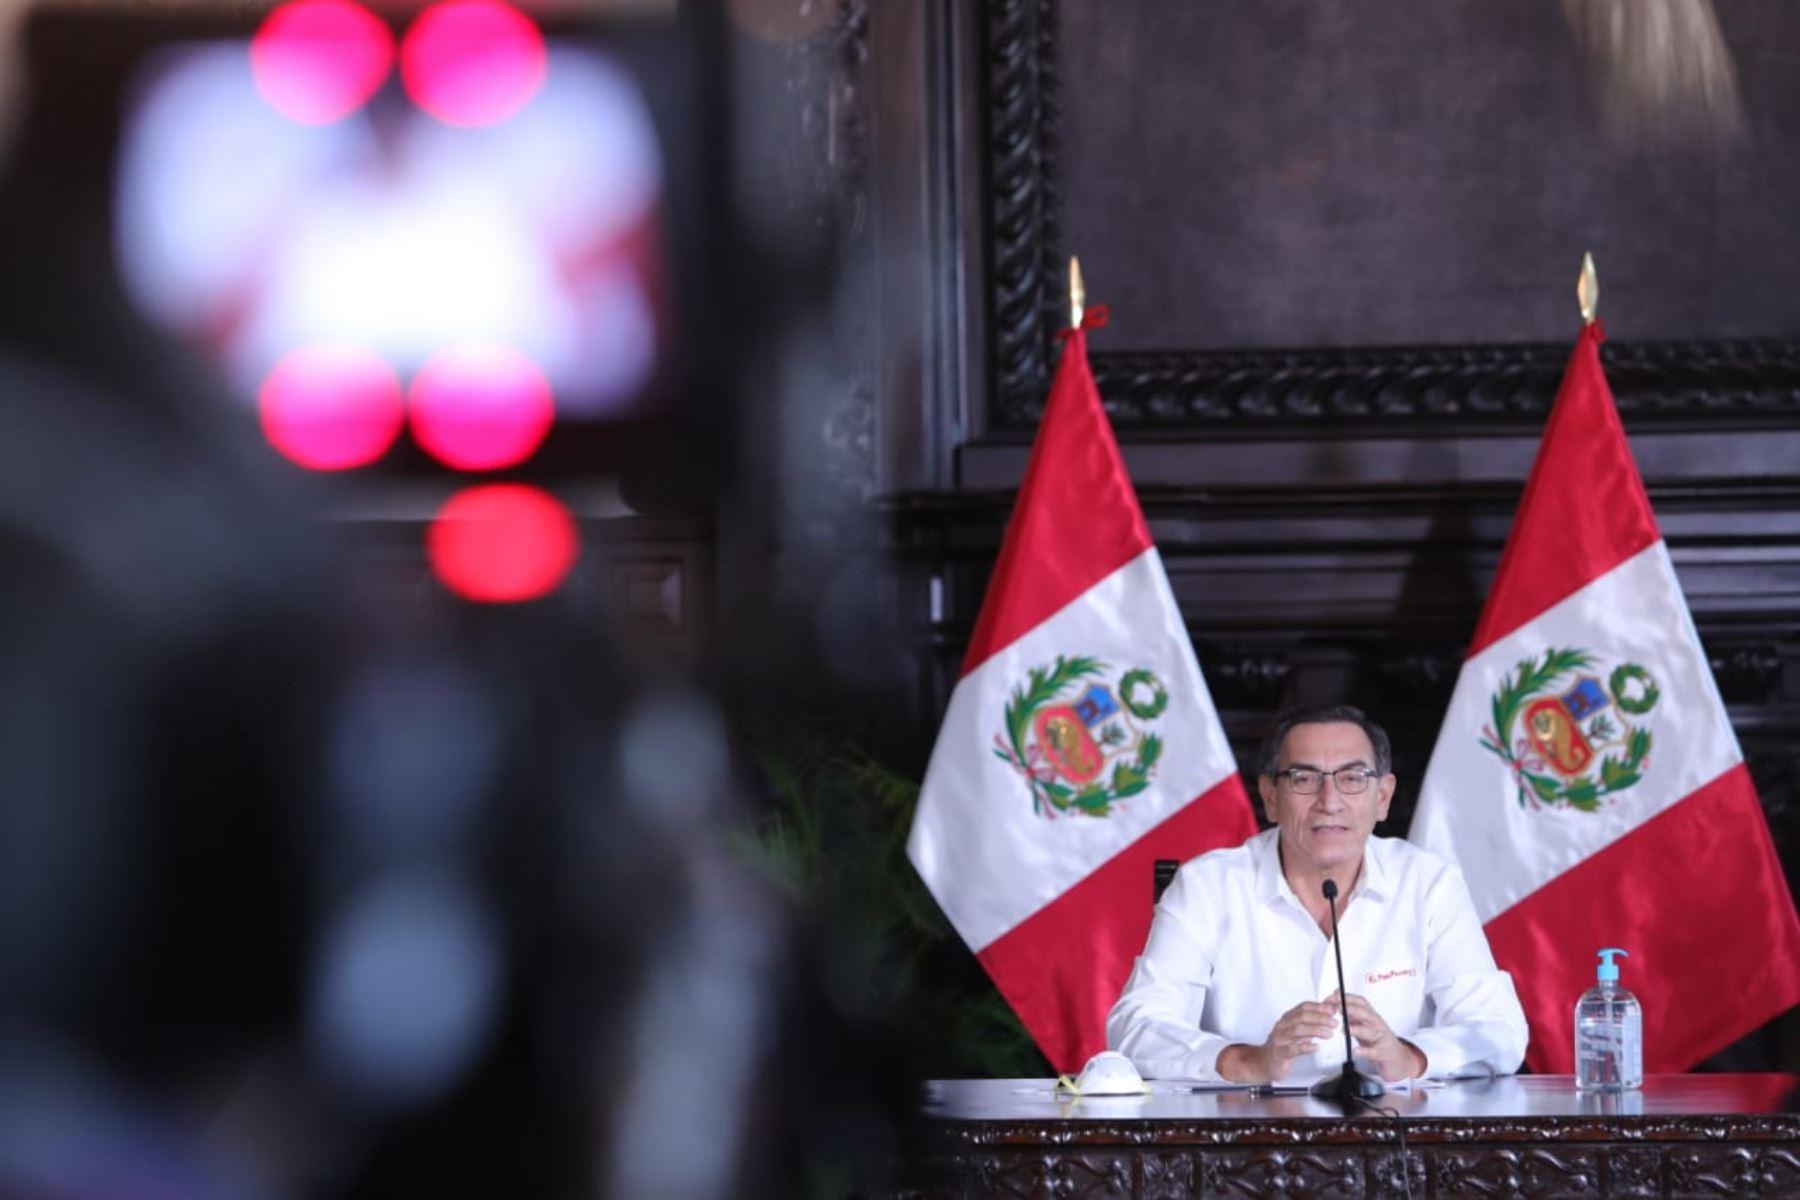 El presidente Martín Vizcarra informa sobre las medidas adoptadas por el Gobierno en el marco del estado de emergencia nacional por el coronavirus (covid-19). Foto: ANDINA/ Prensa Presidencia